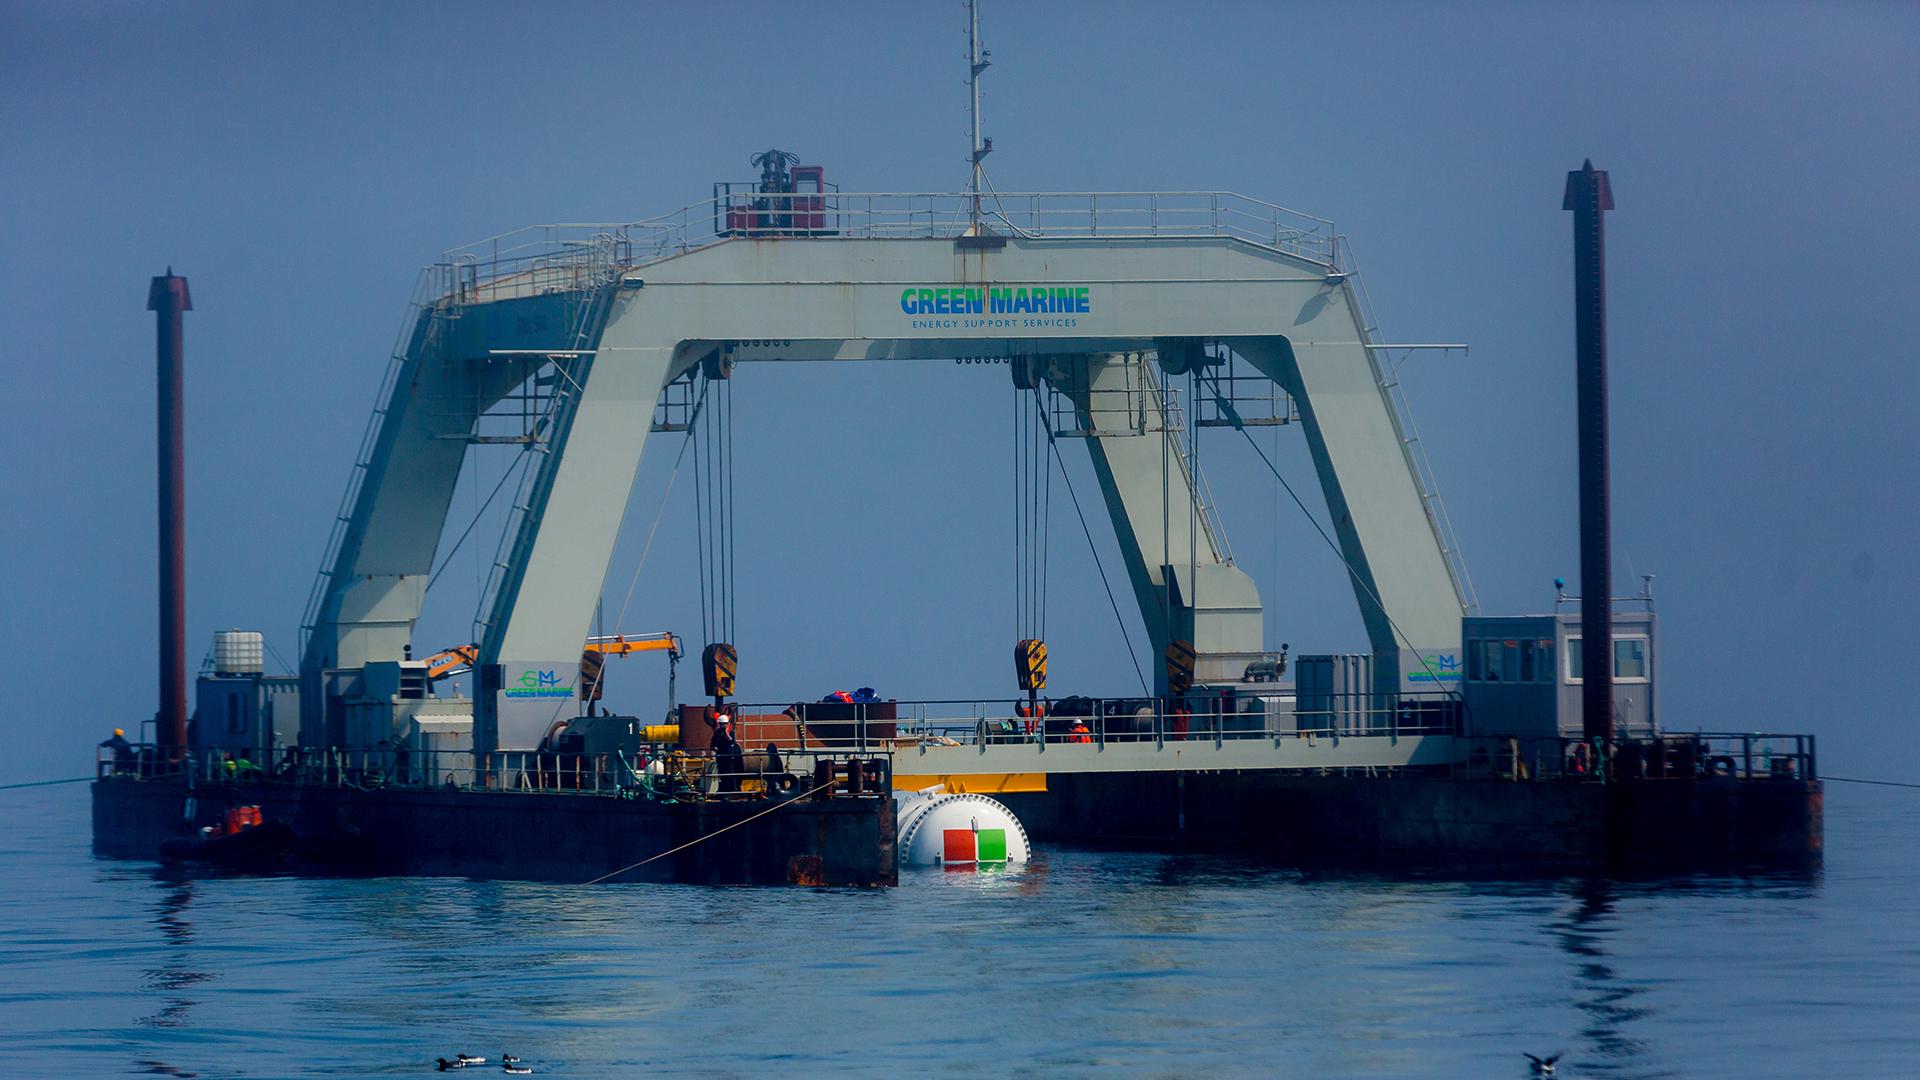 Microsoft's Project Natick sea